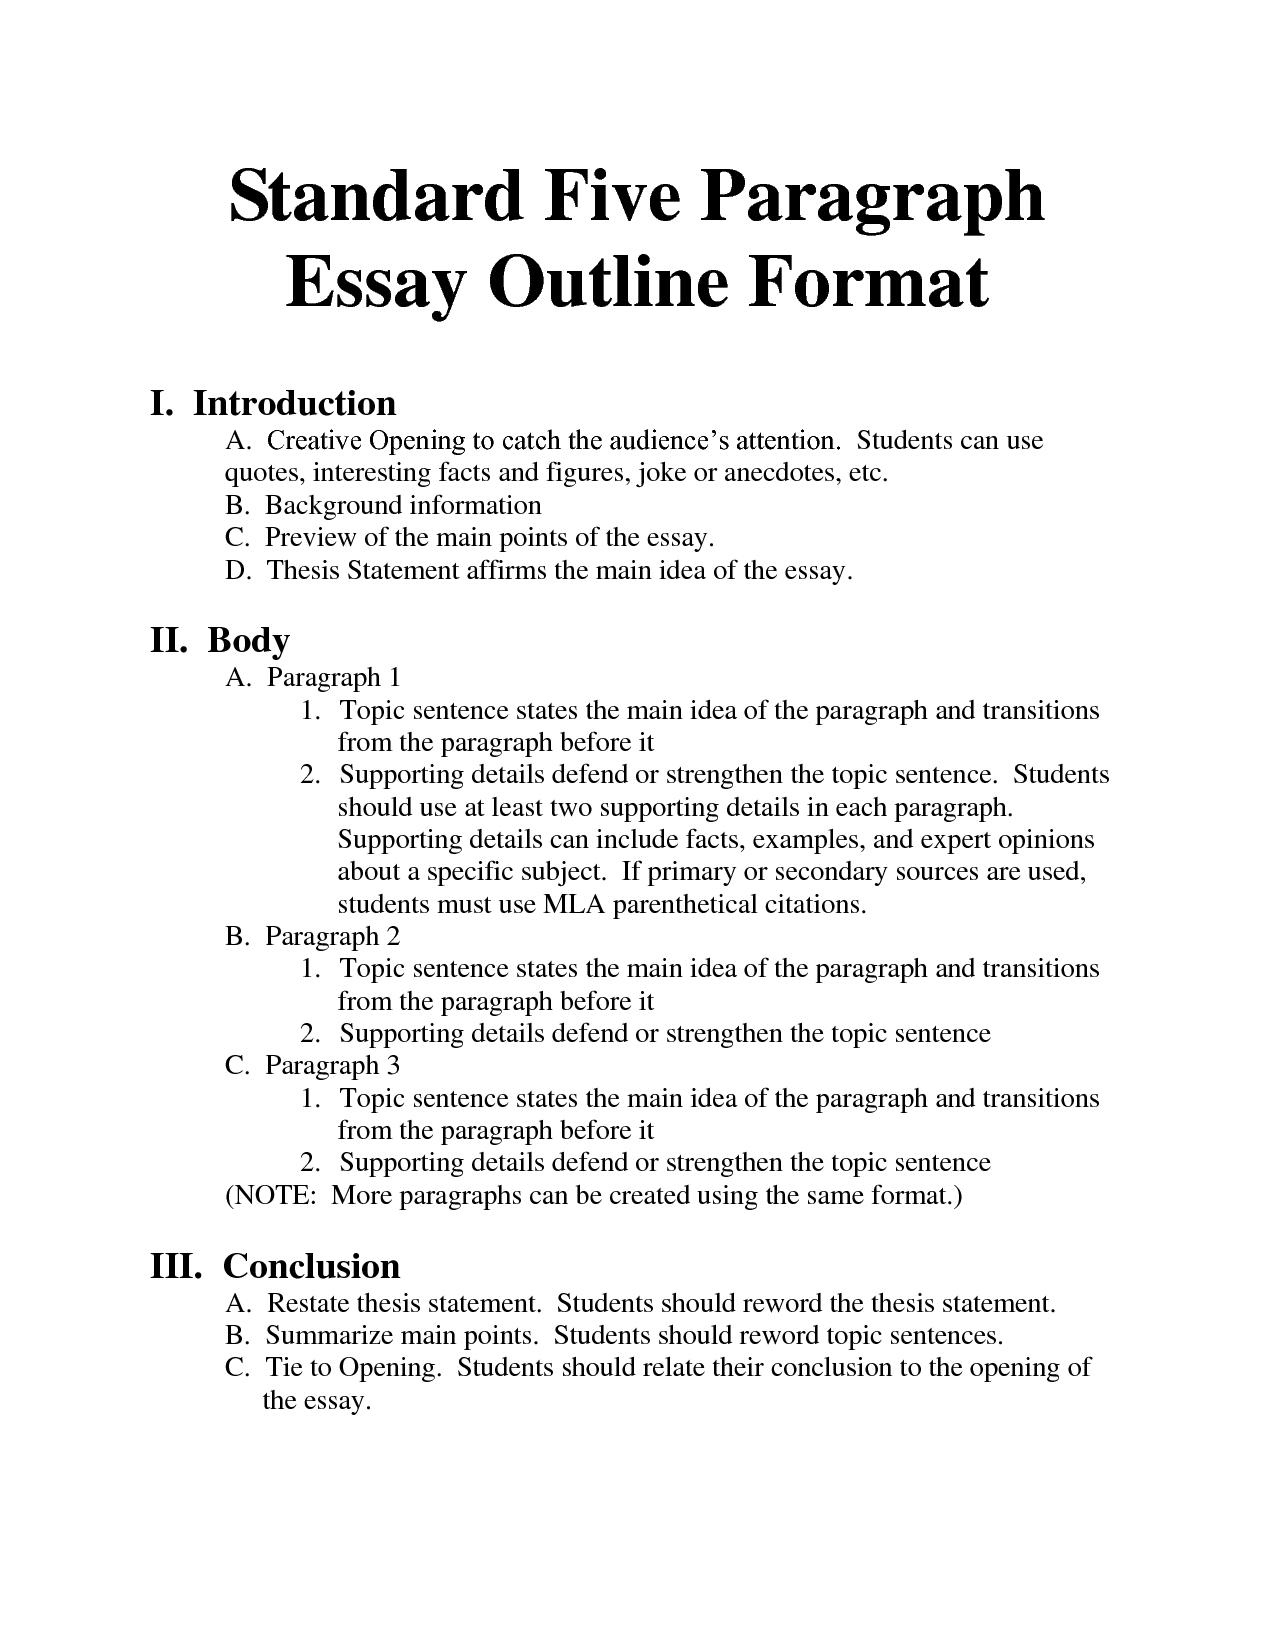 004 Outline Of Essay Impressive Argumentative Sample Mla Format Full